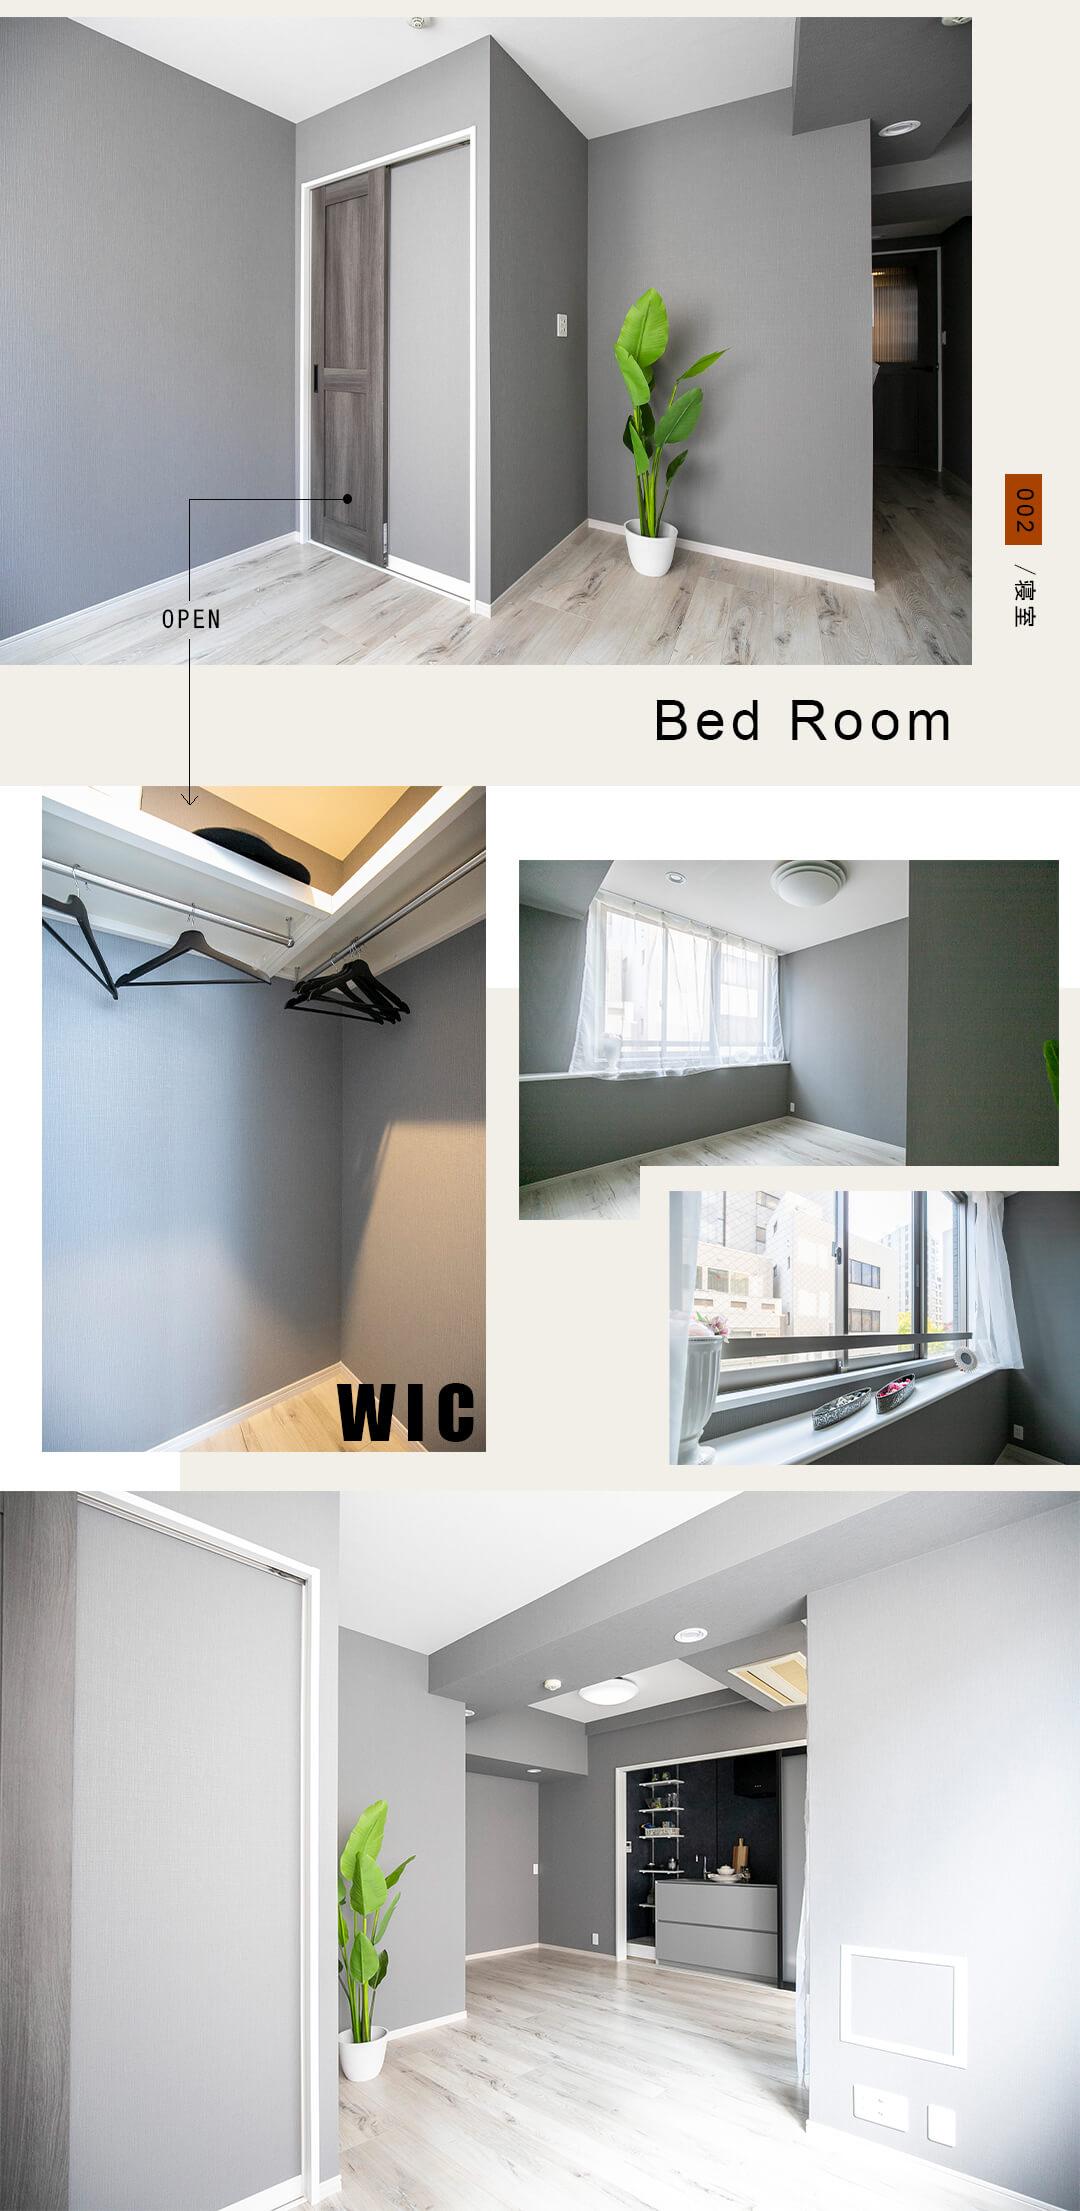 002寝室,Bed Room